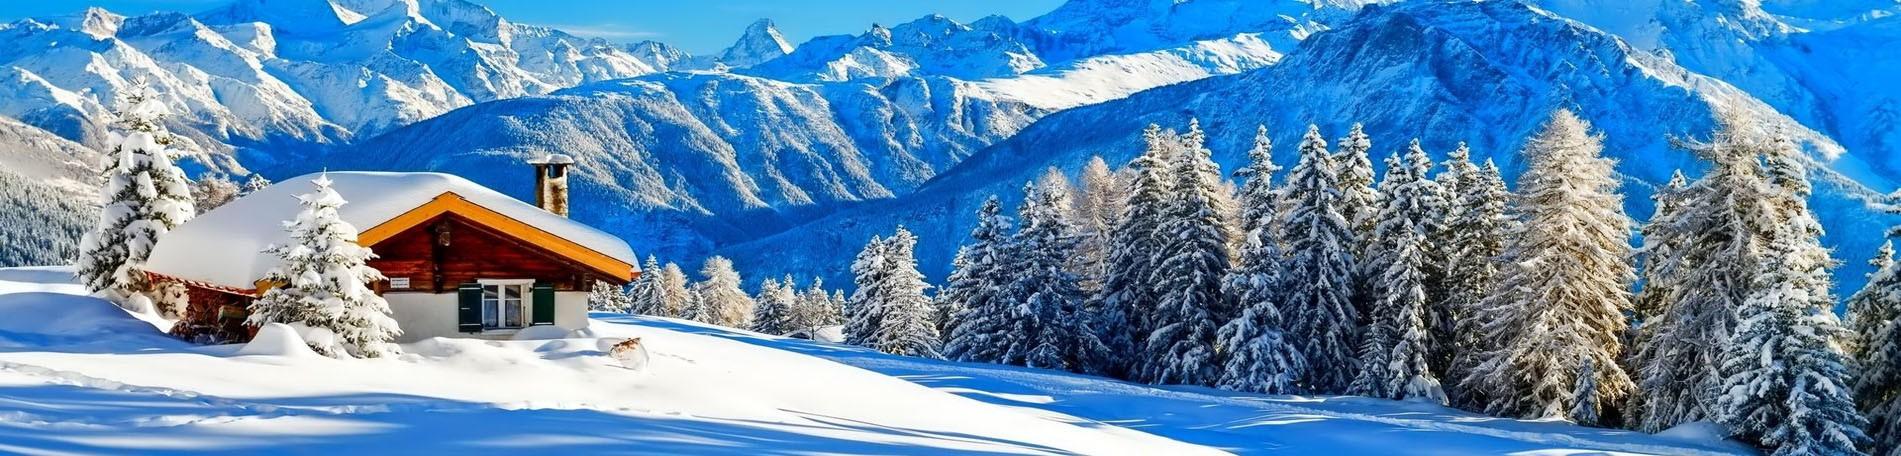 artículos deportivos de invierno